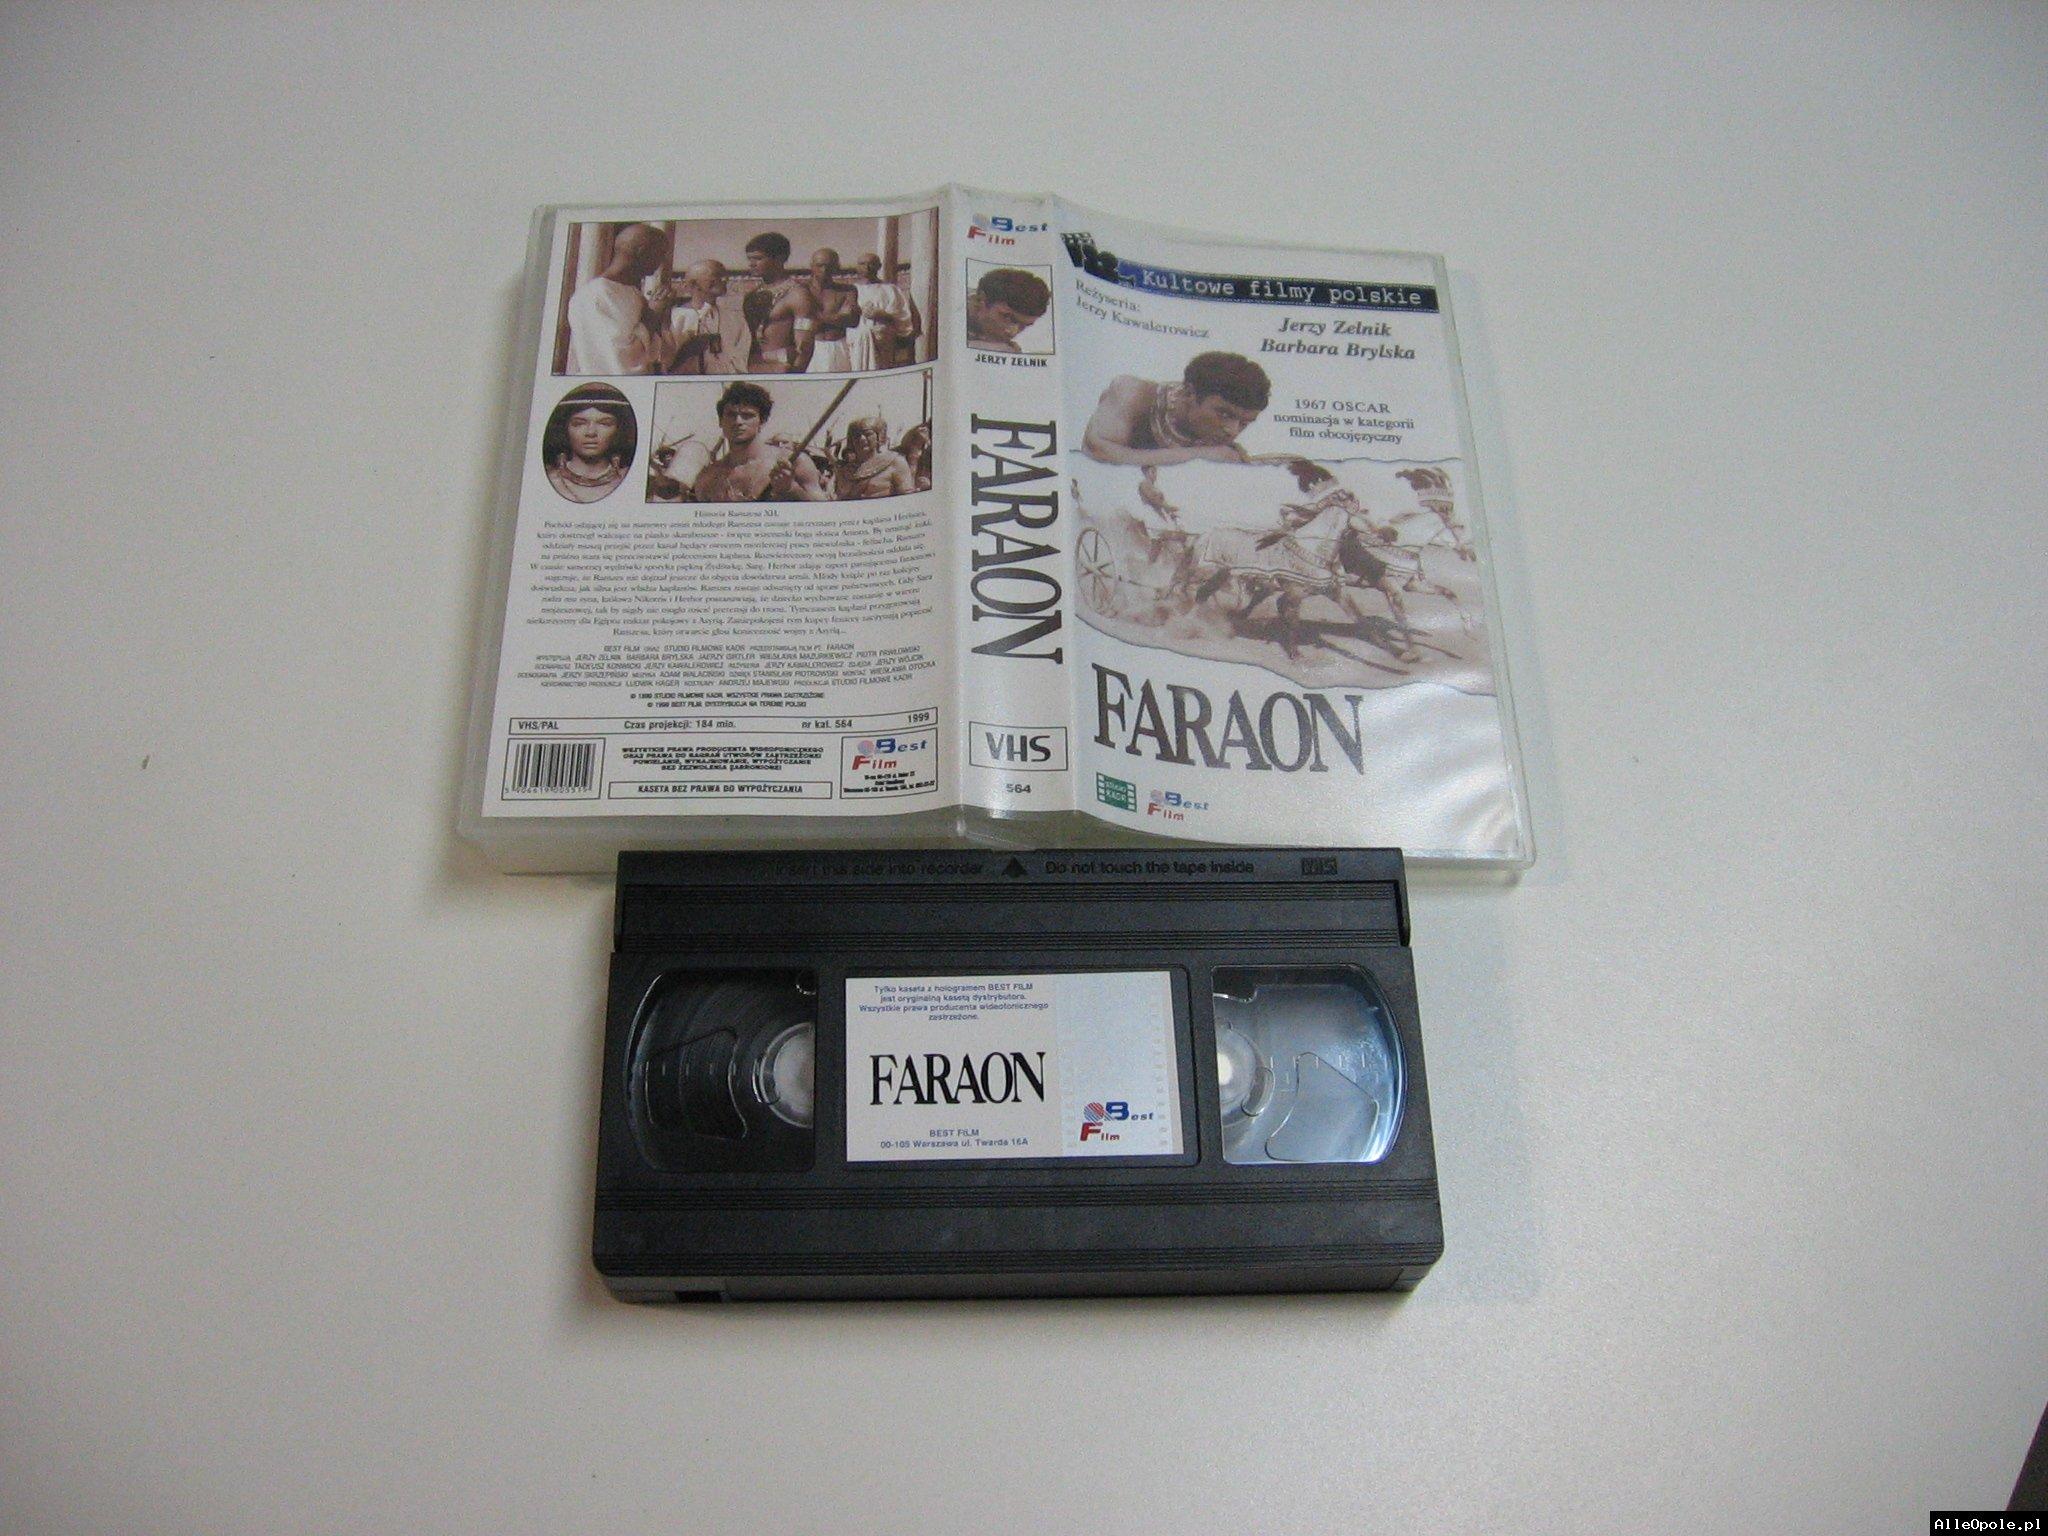 FARAON - VHS Kaseta Video - Opole 1800